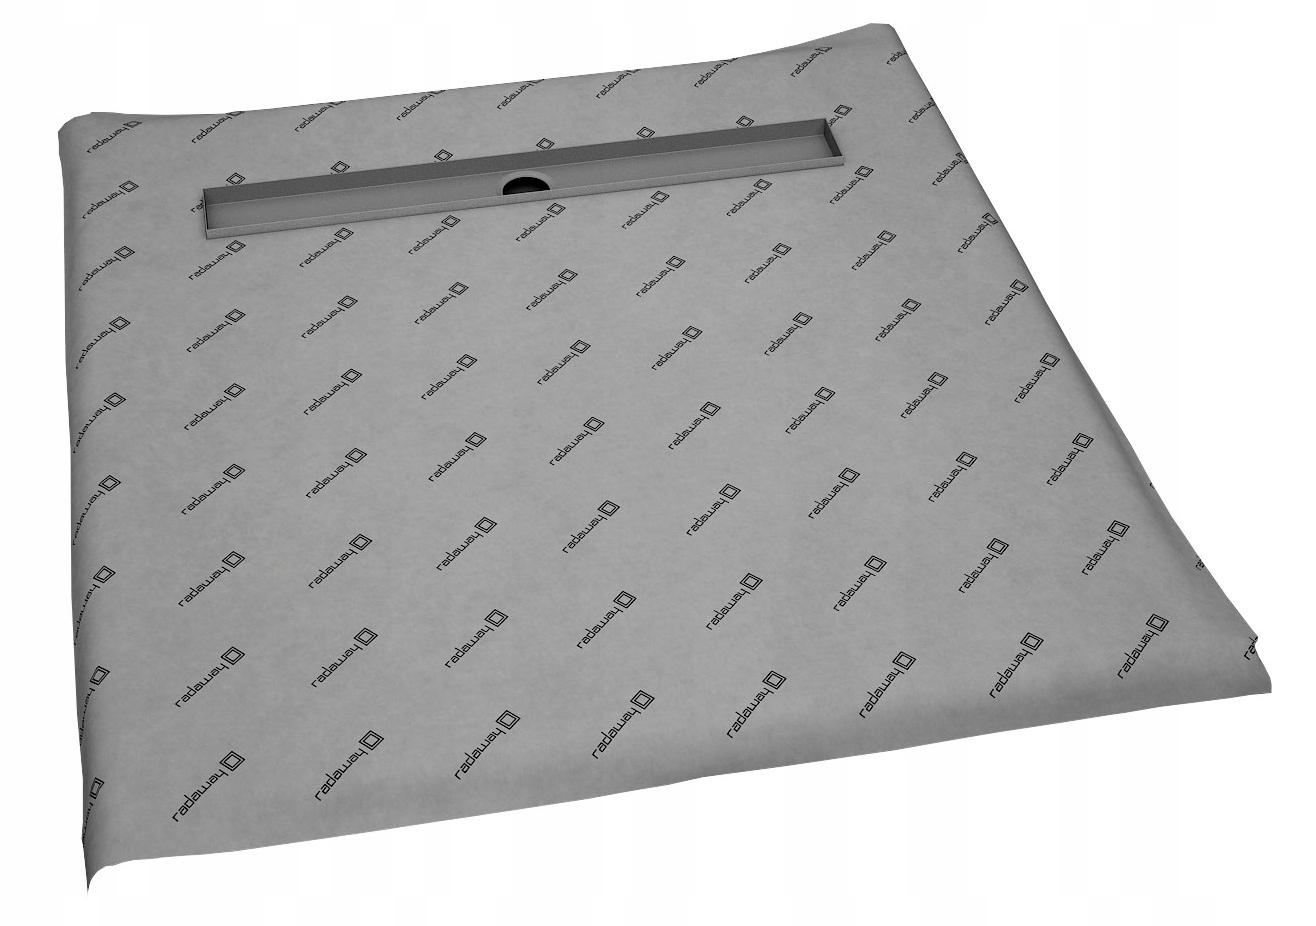 Kachľová sprchová vanička 120x120, vývod RADADRAIN 8-12